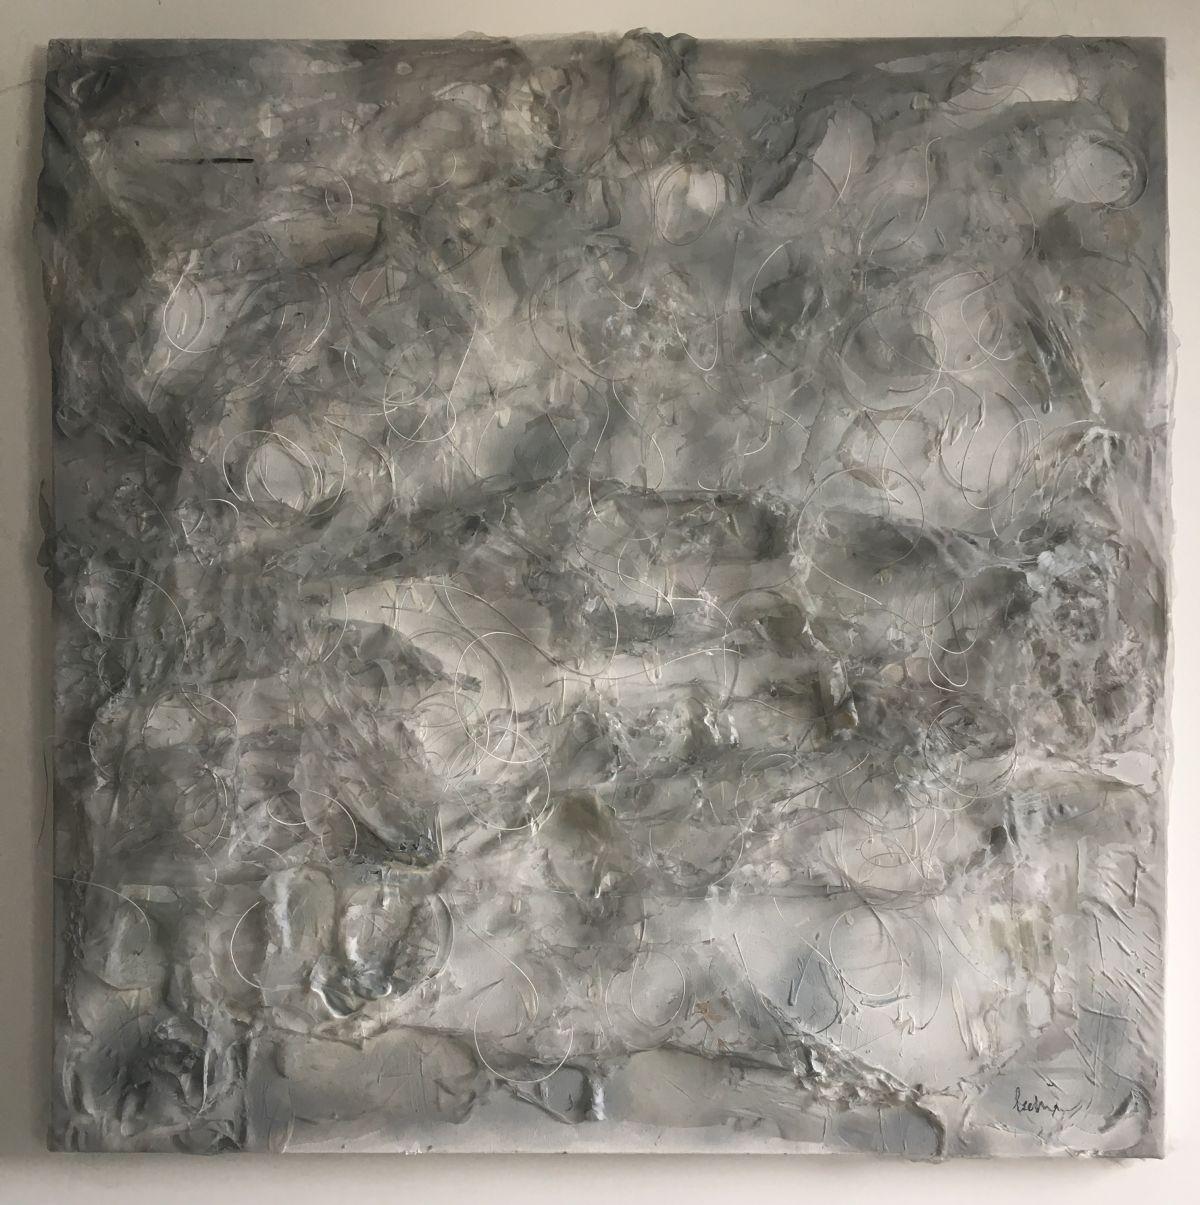 Kunst: Mist van kunstenaar Ketlin van Esschoten